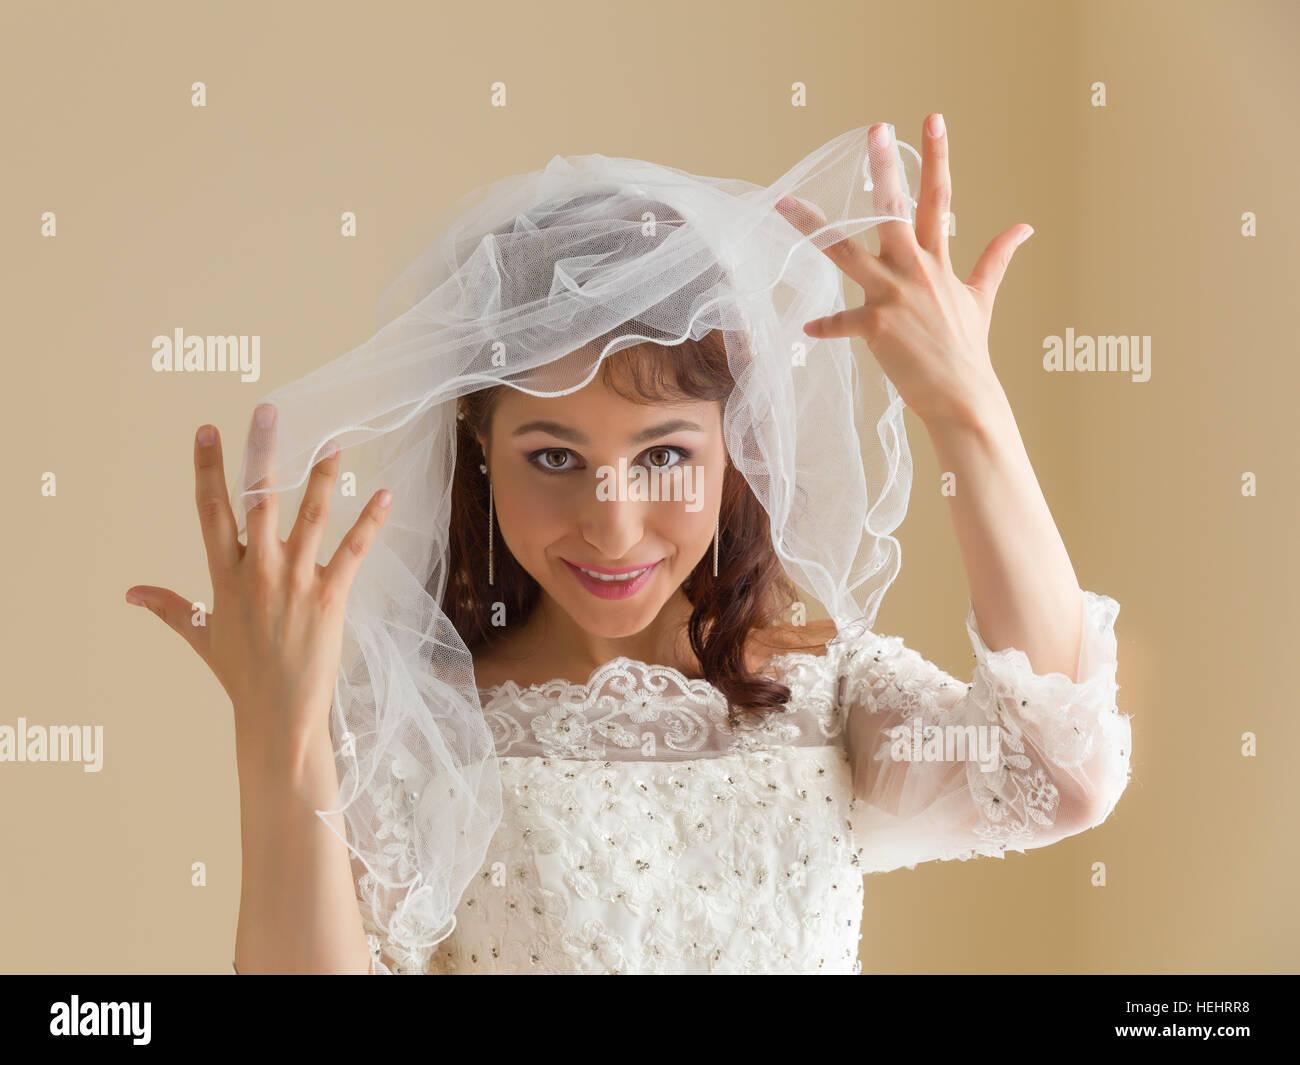 Photos de Studio une magnifique jeune femme en robe blanche et voile traditionnelle Photo Stock